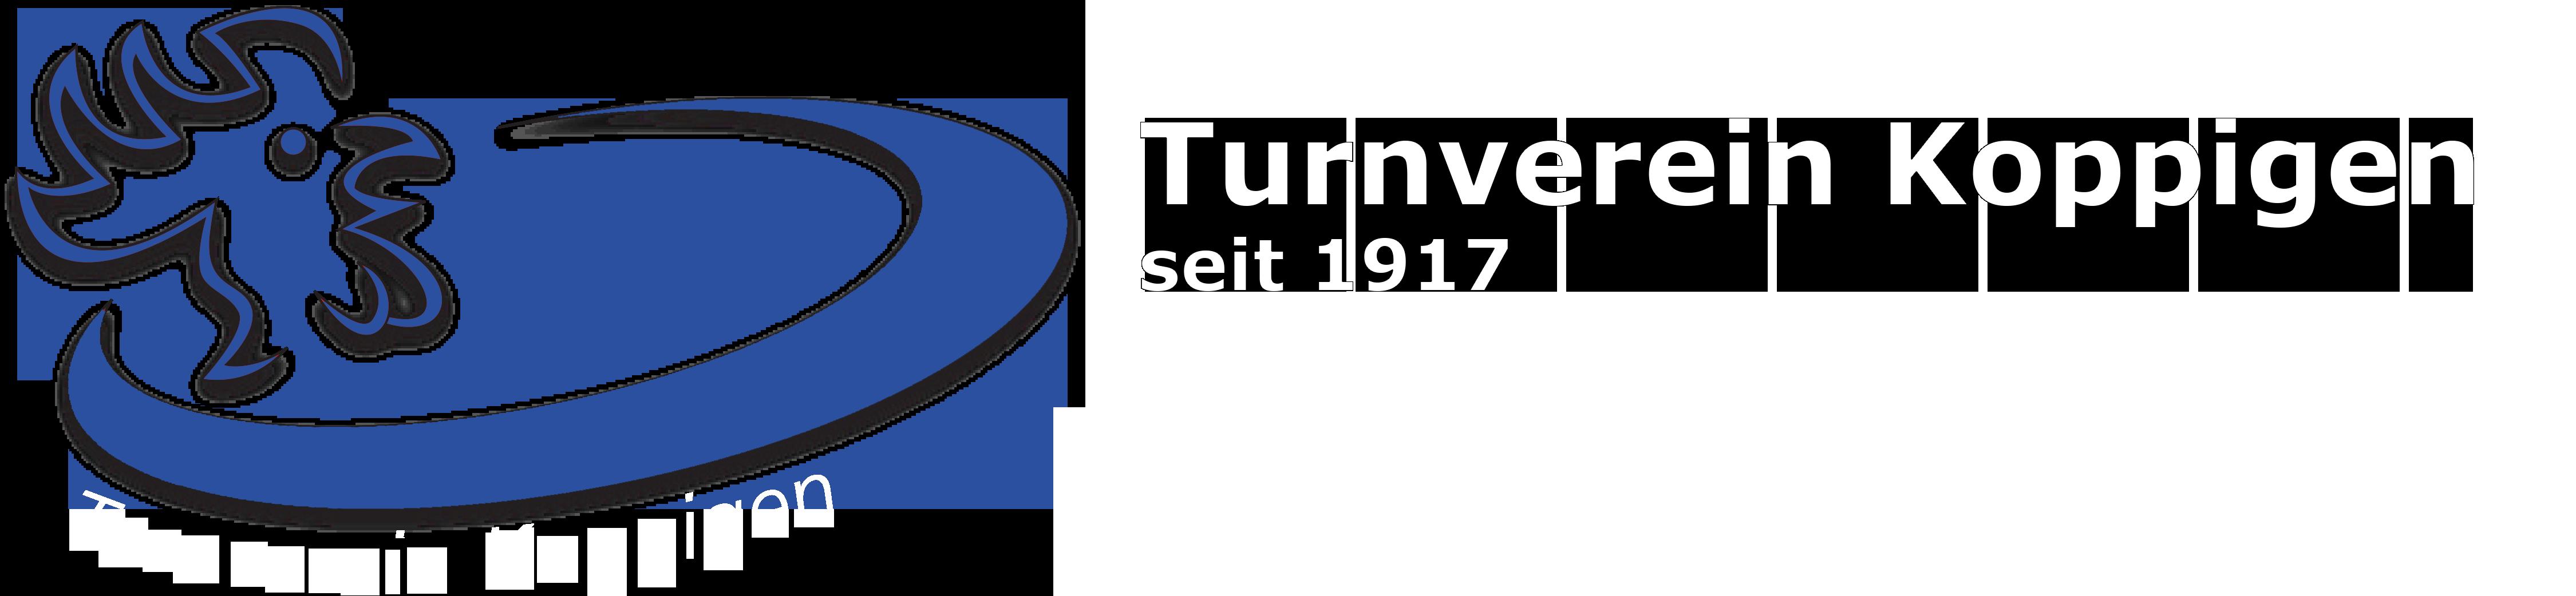 Turnverein Koppigen